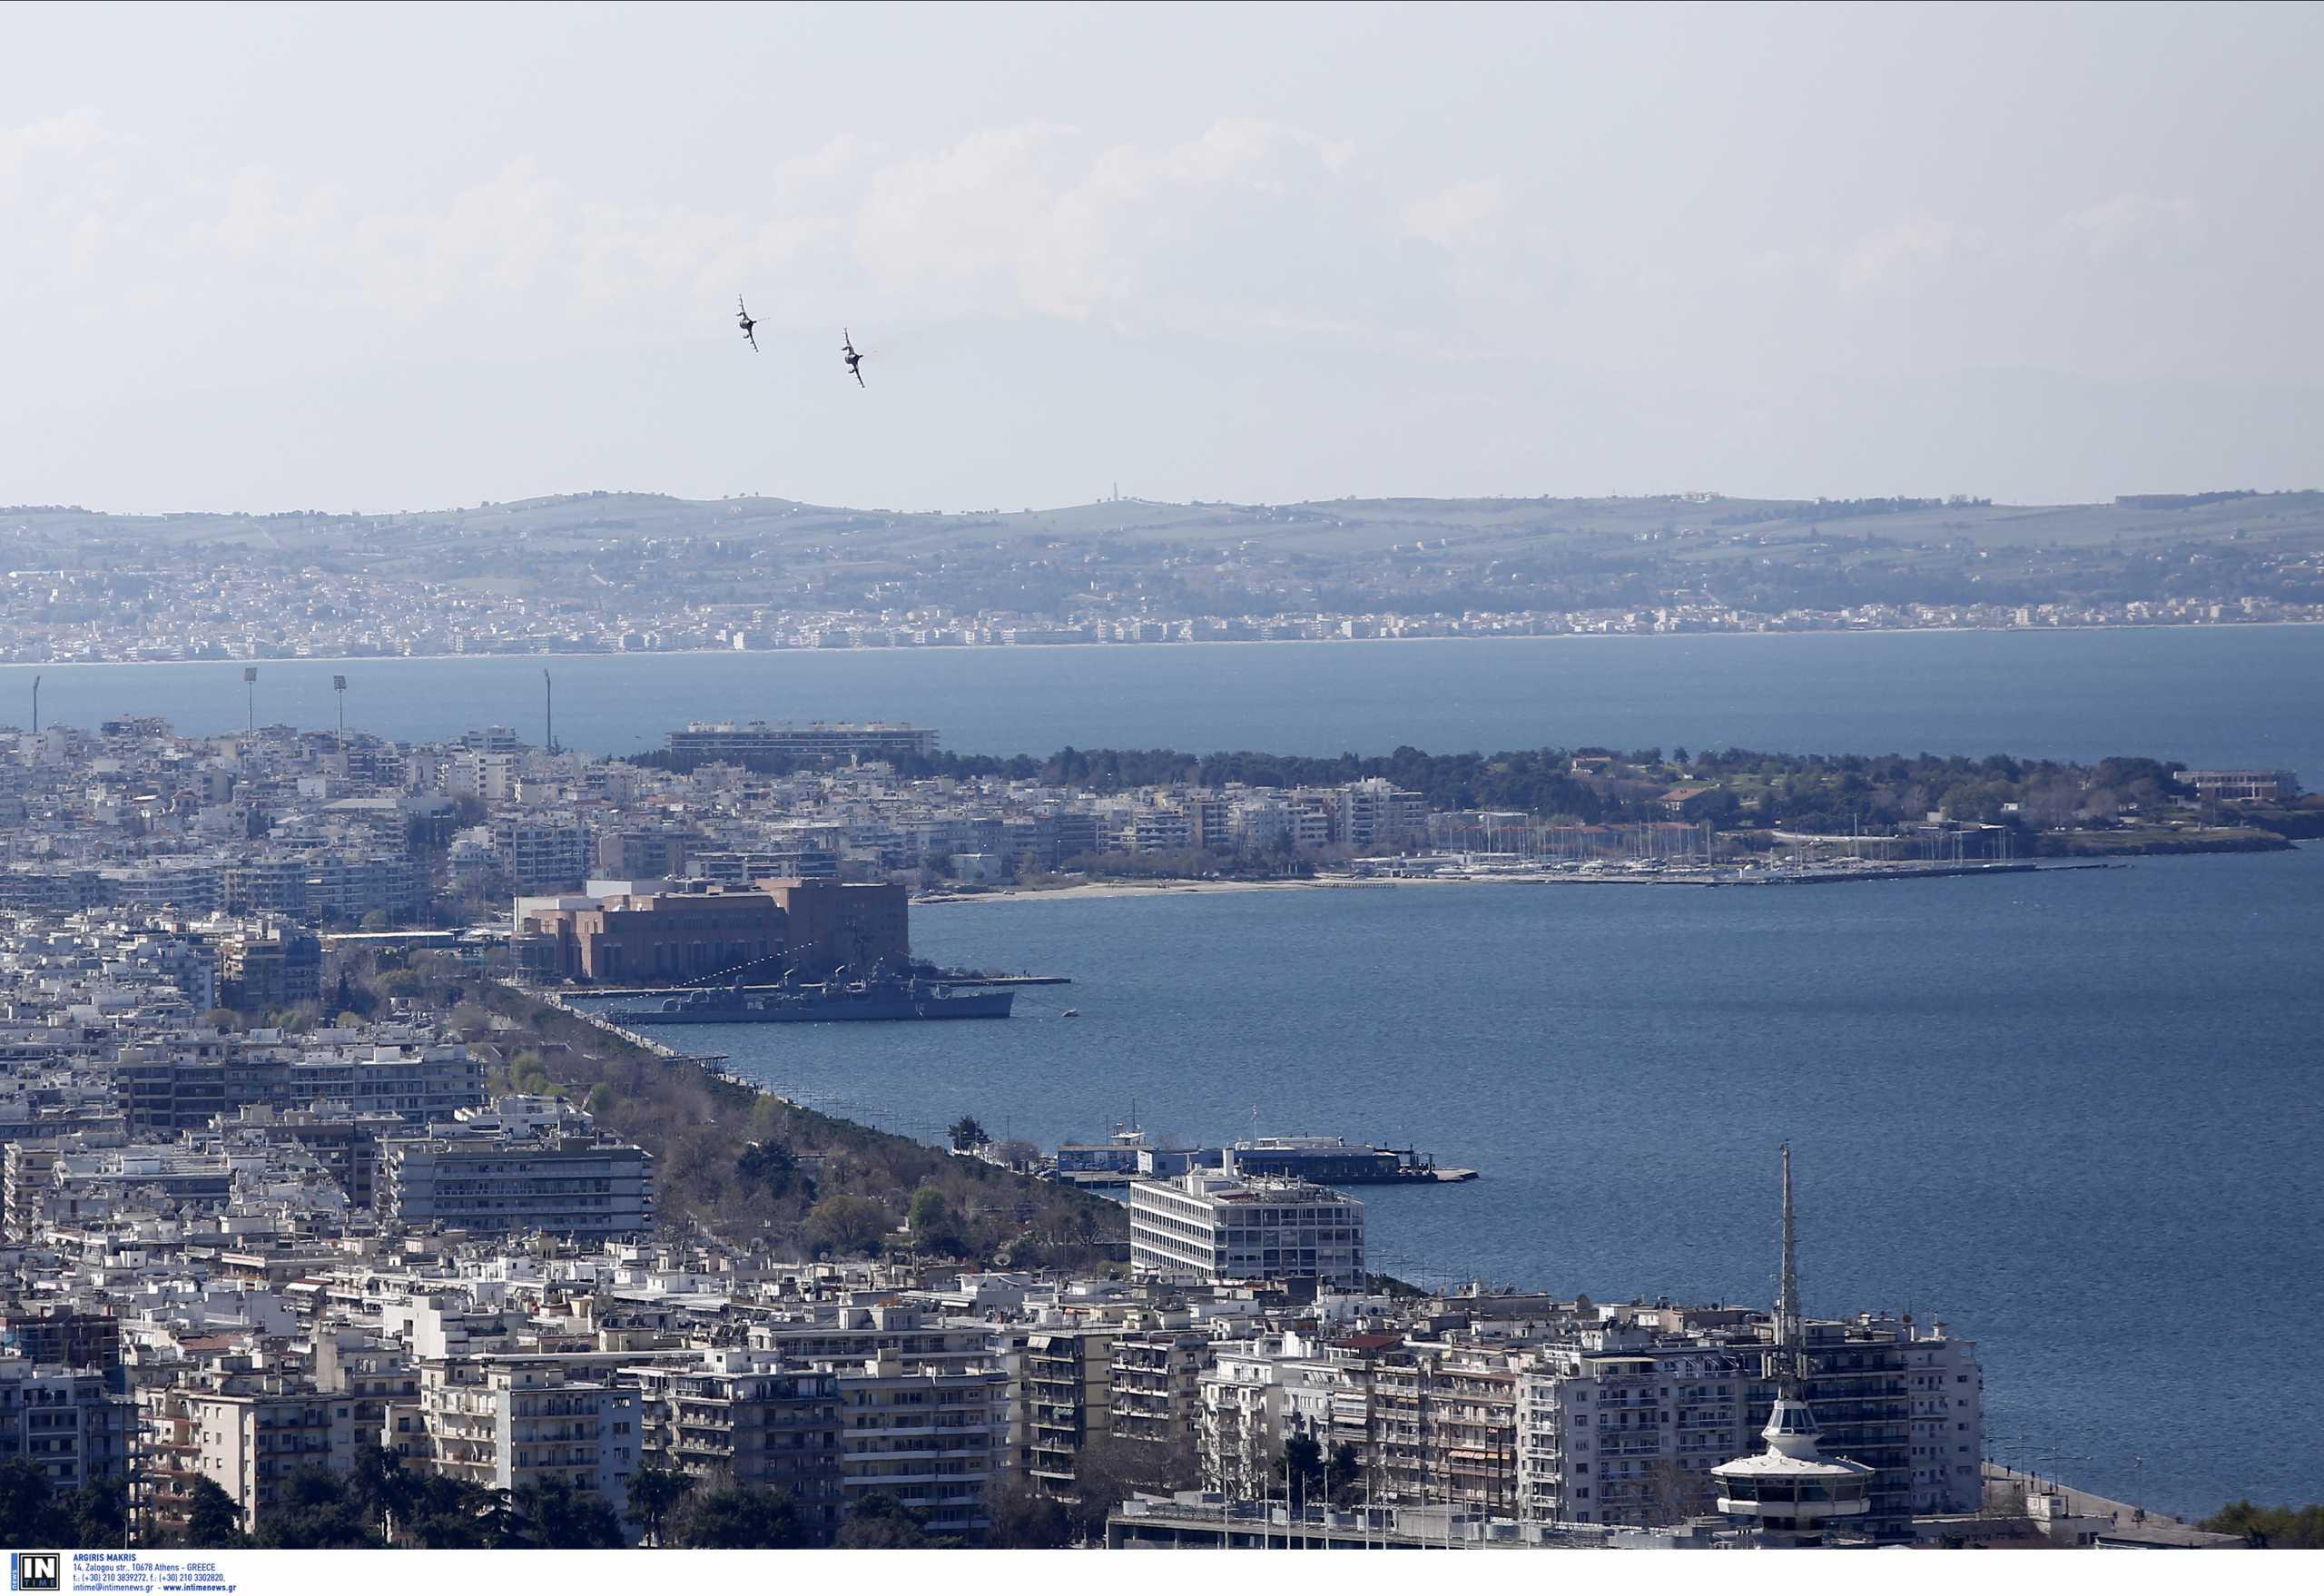 Θεσσαλονίκη: Σοκ από την εικόνα στα λύματα! Τεράστια αύξηση του ιικού φορτίου σε μια εβδομάδα (pics)